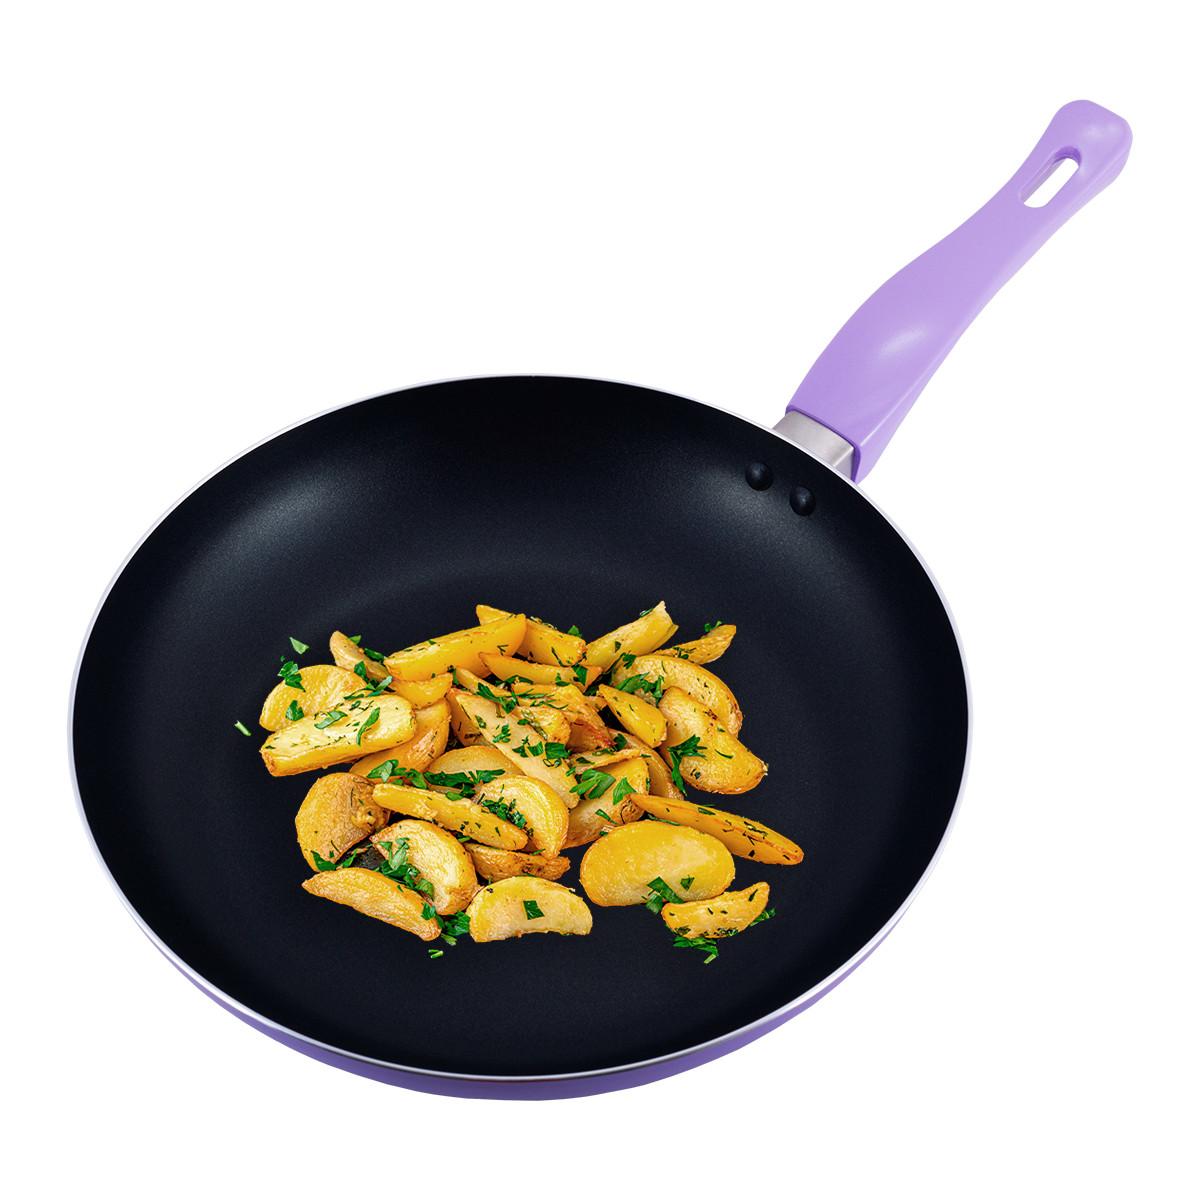 Сковорода Kamille Сиреневый 28см с антипригарным покрытием без крышки для индукции и газа KM-4248AS